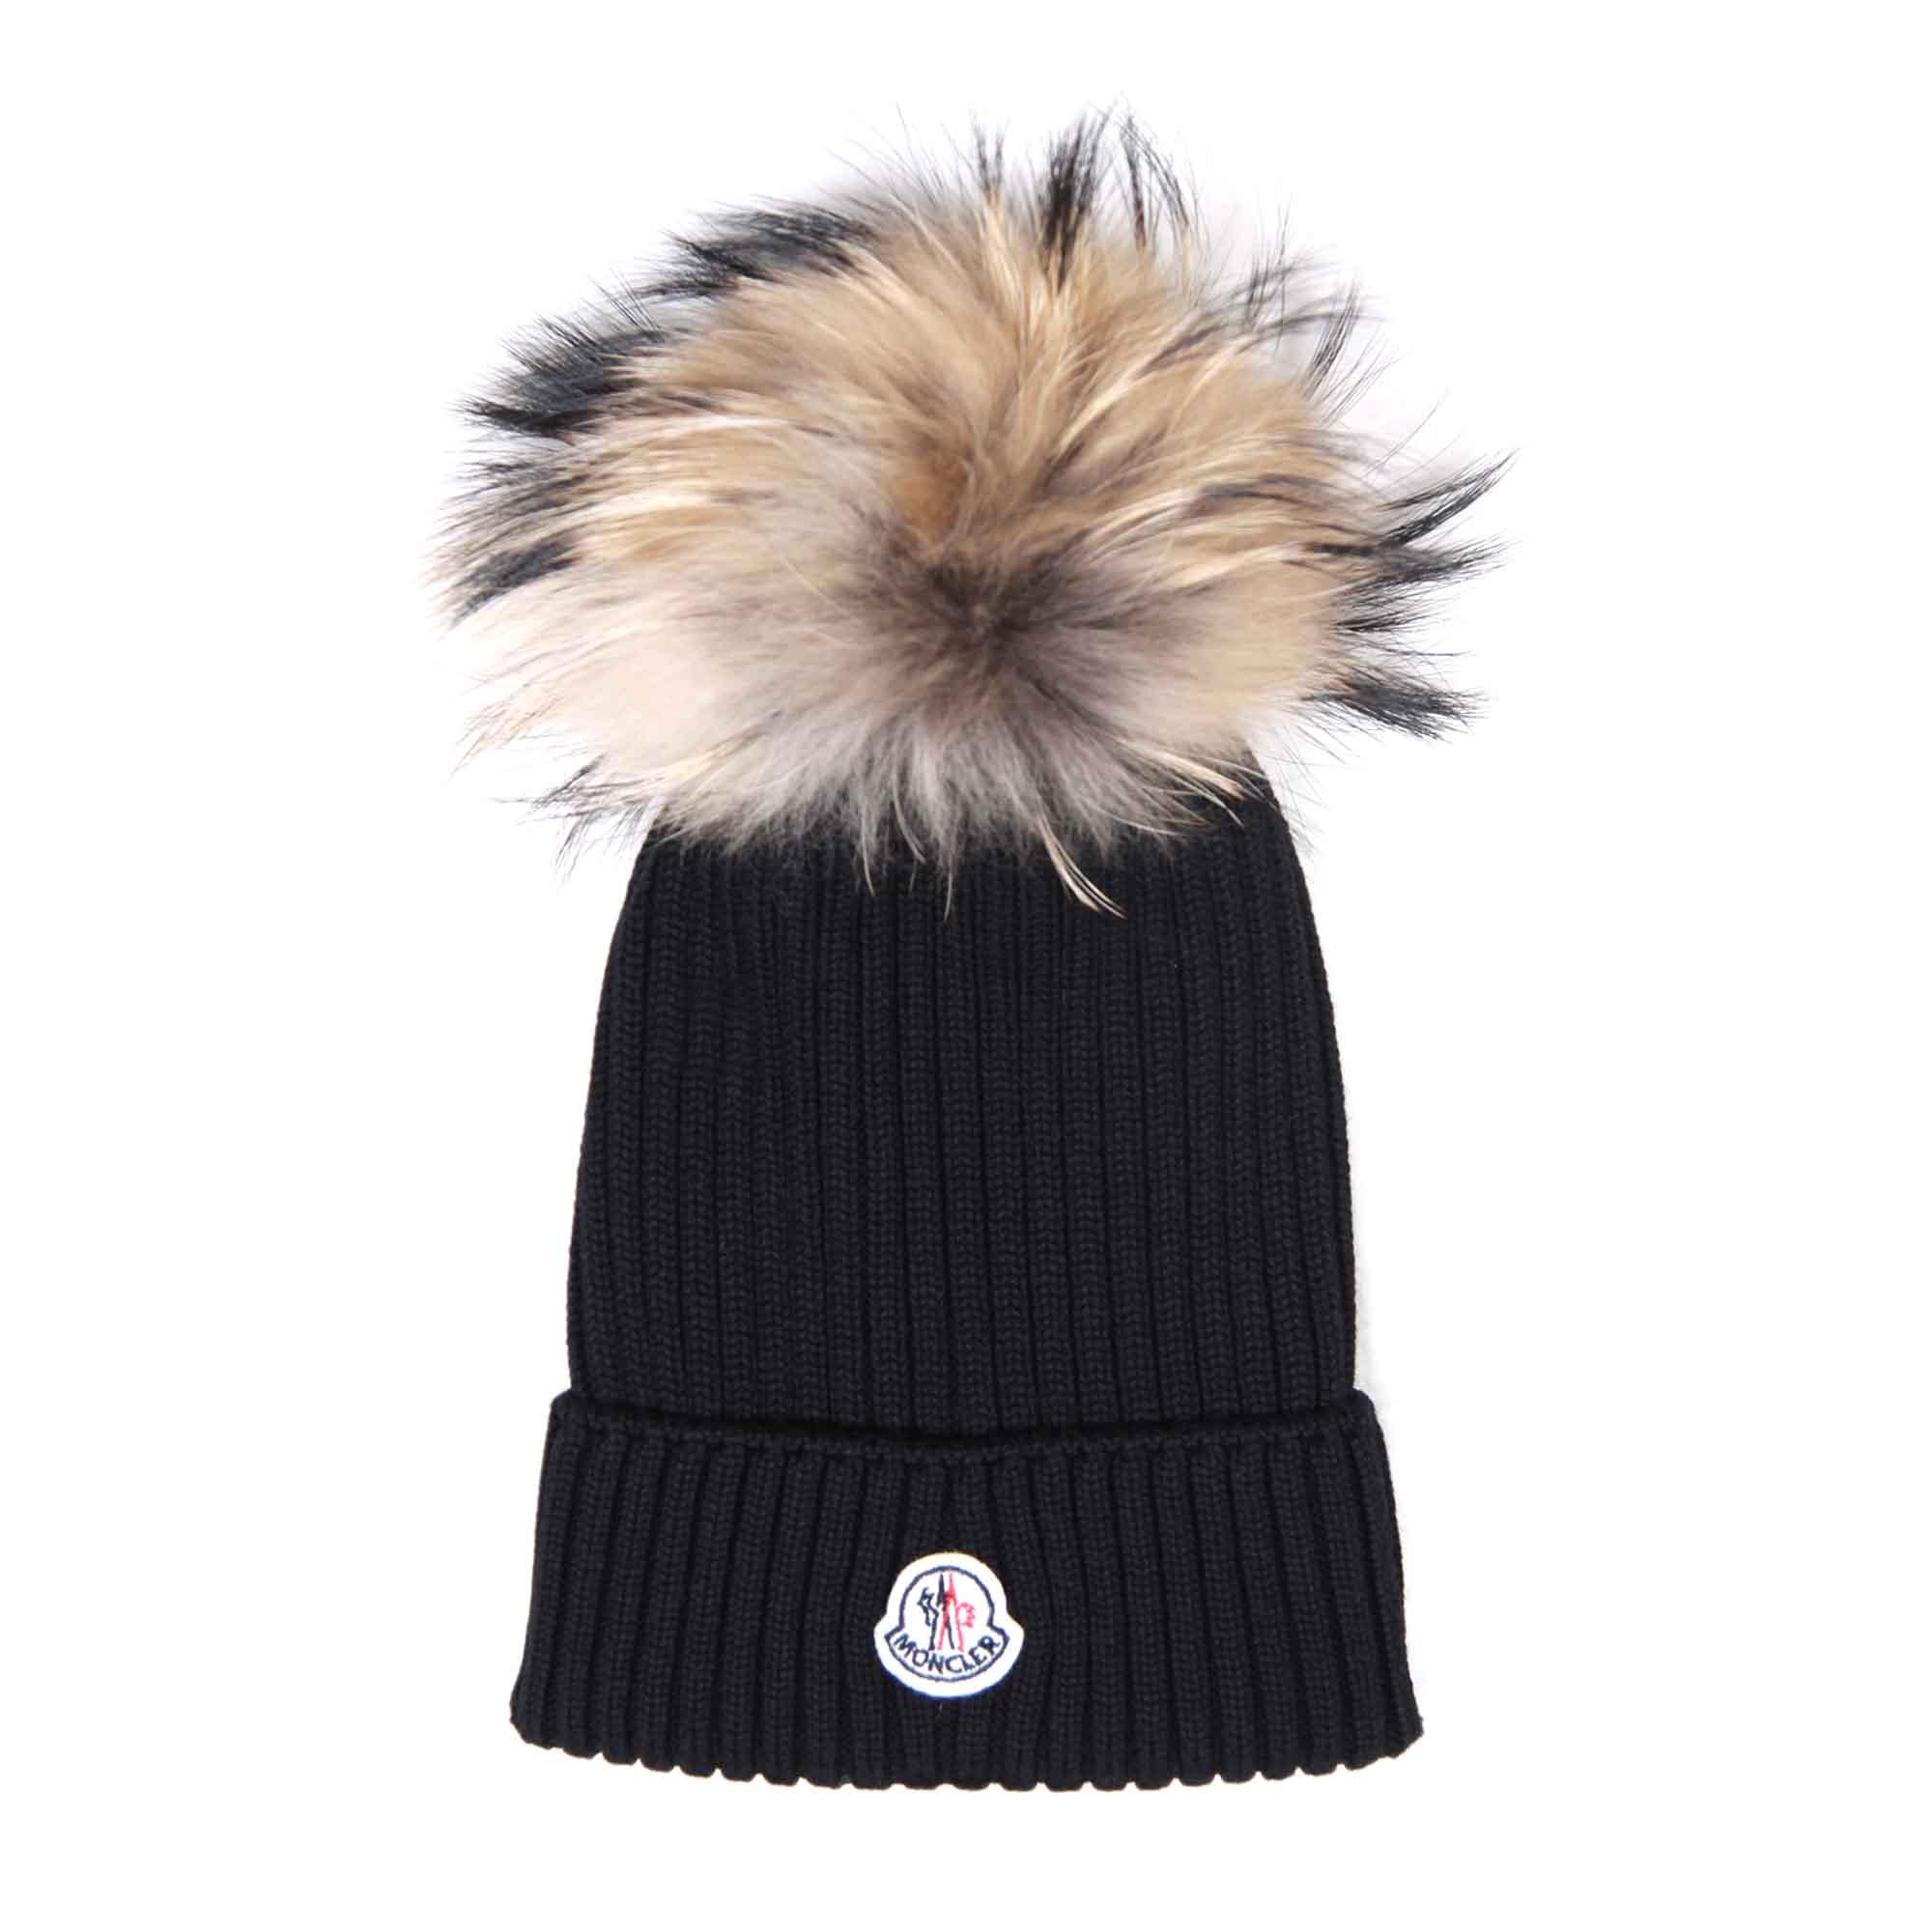 cappello moncler bambina